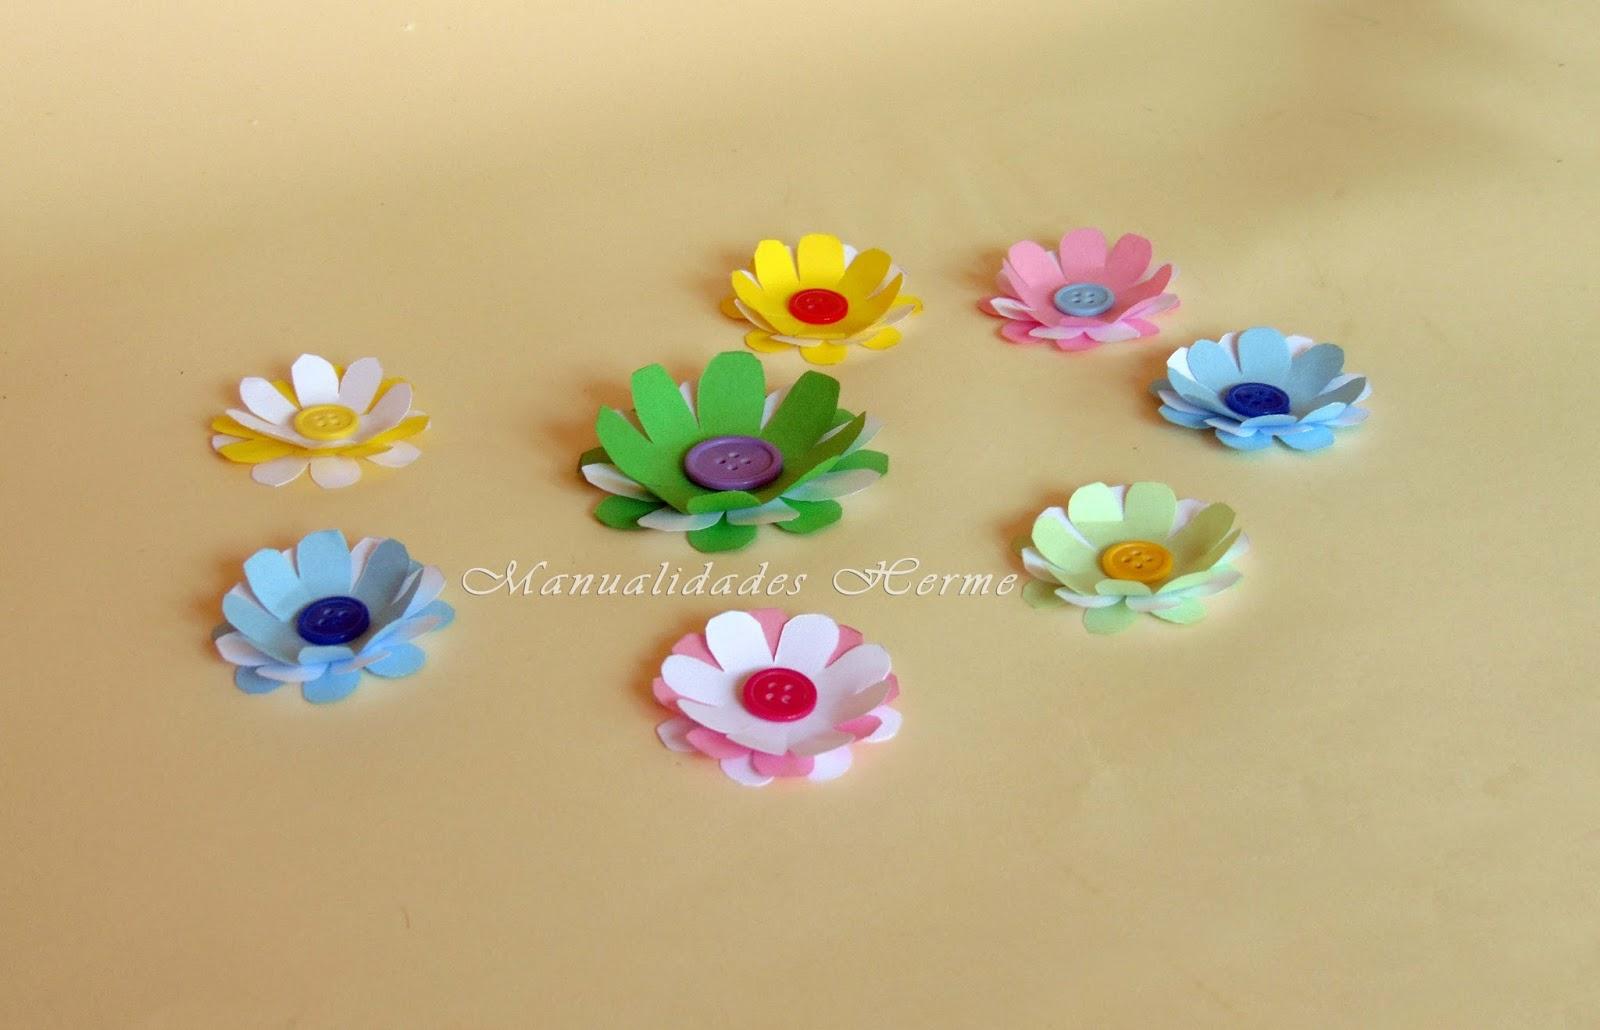 Manualidades herme como hacer flores de papel paso a paso - Papel para decorar ...